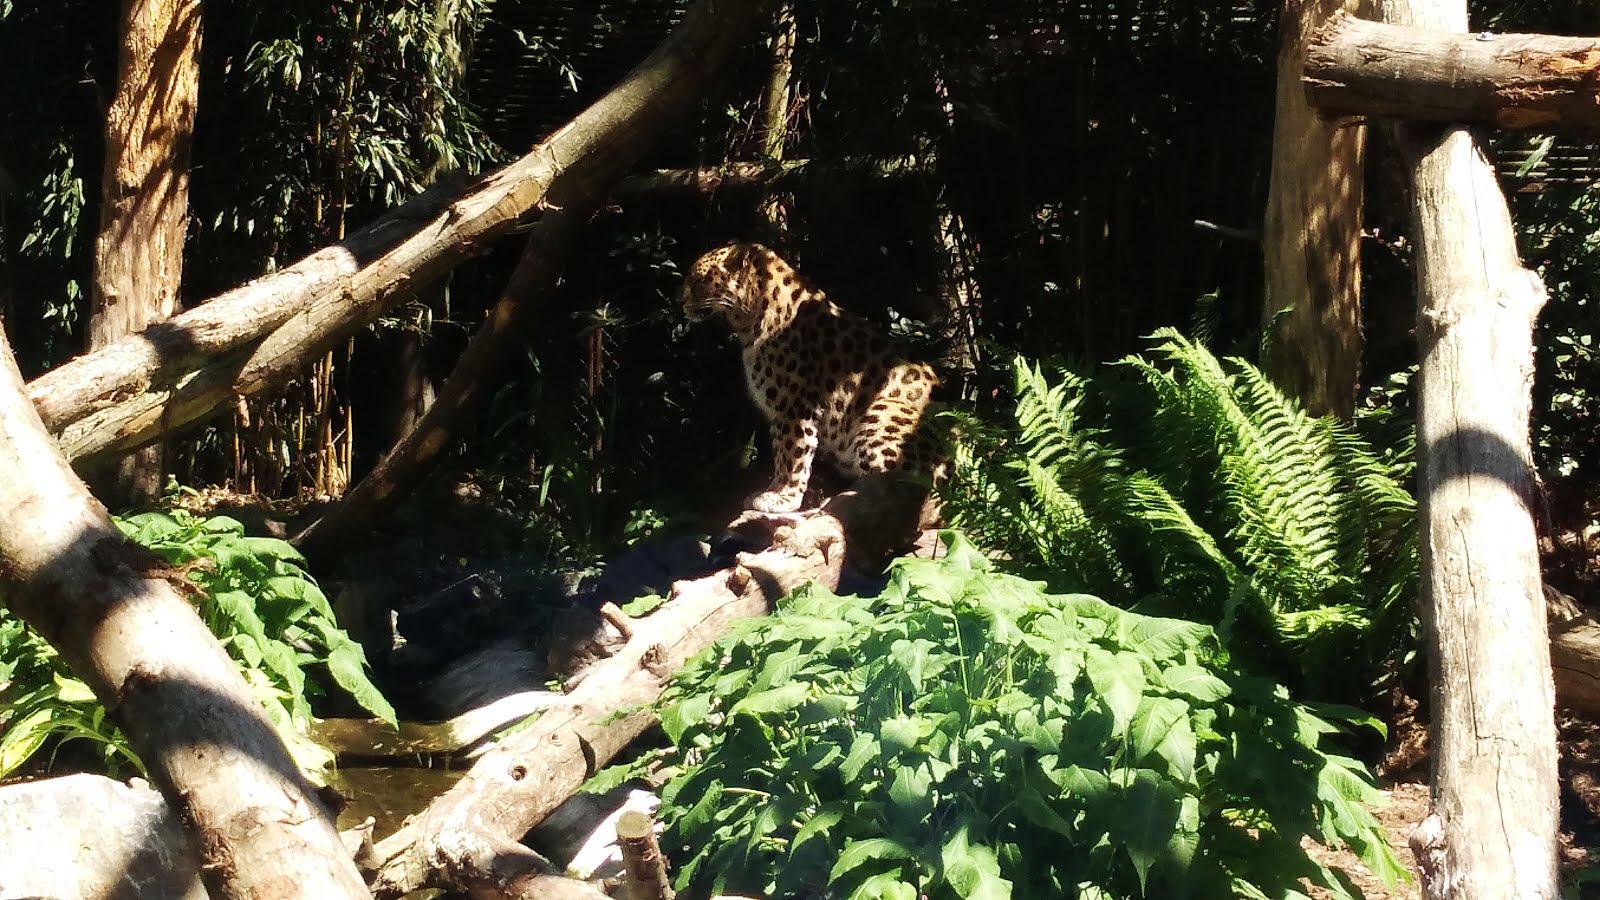 bellewaerde-parc-attraction-belgique-leopard